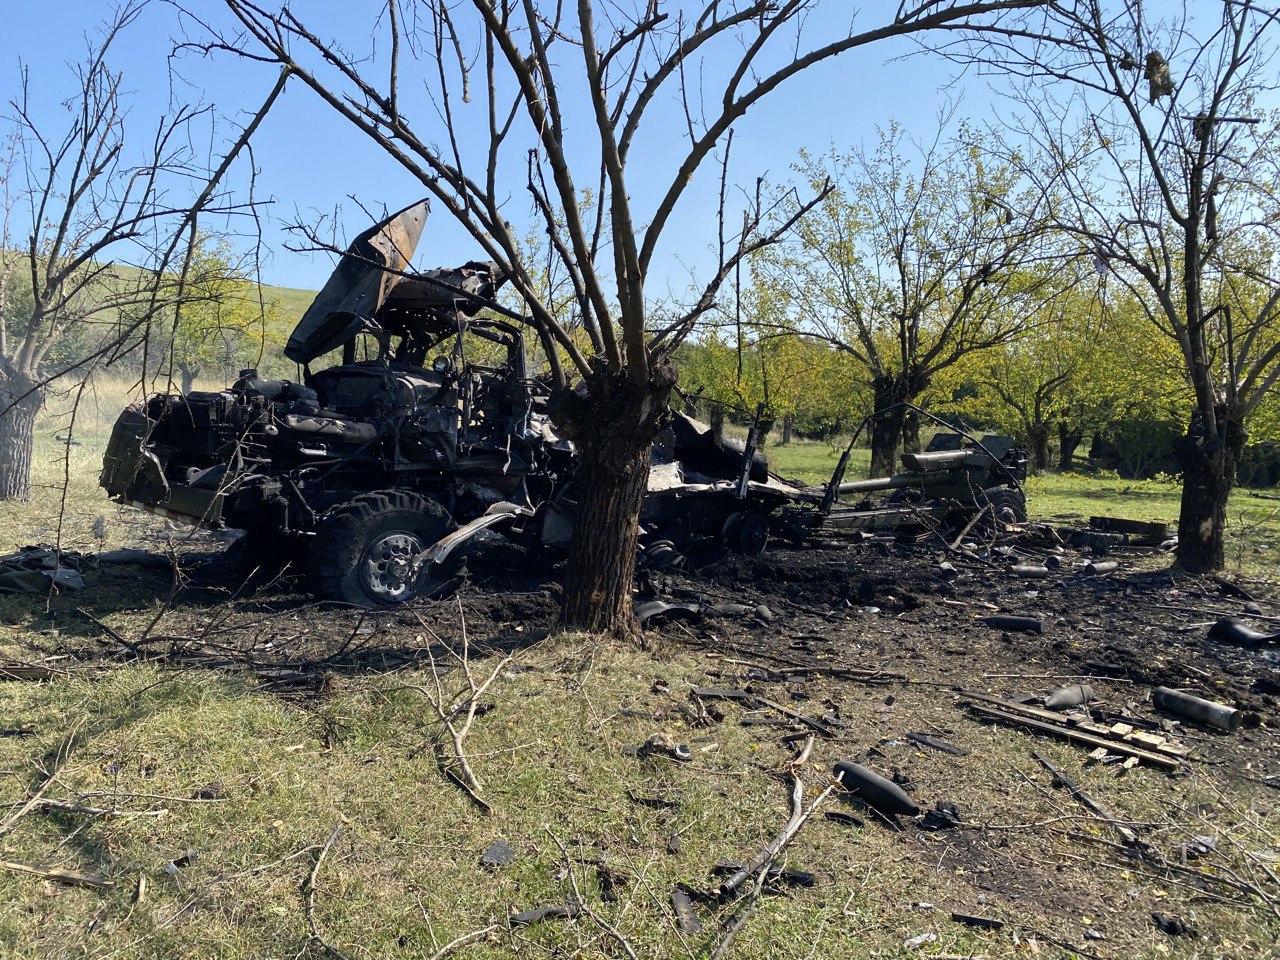 Unidad de artillería armenia destruida (2020). Fuente: Pablo González.